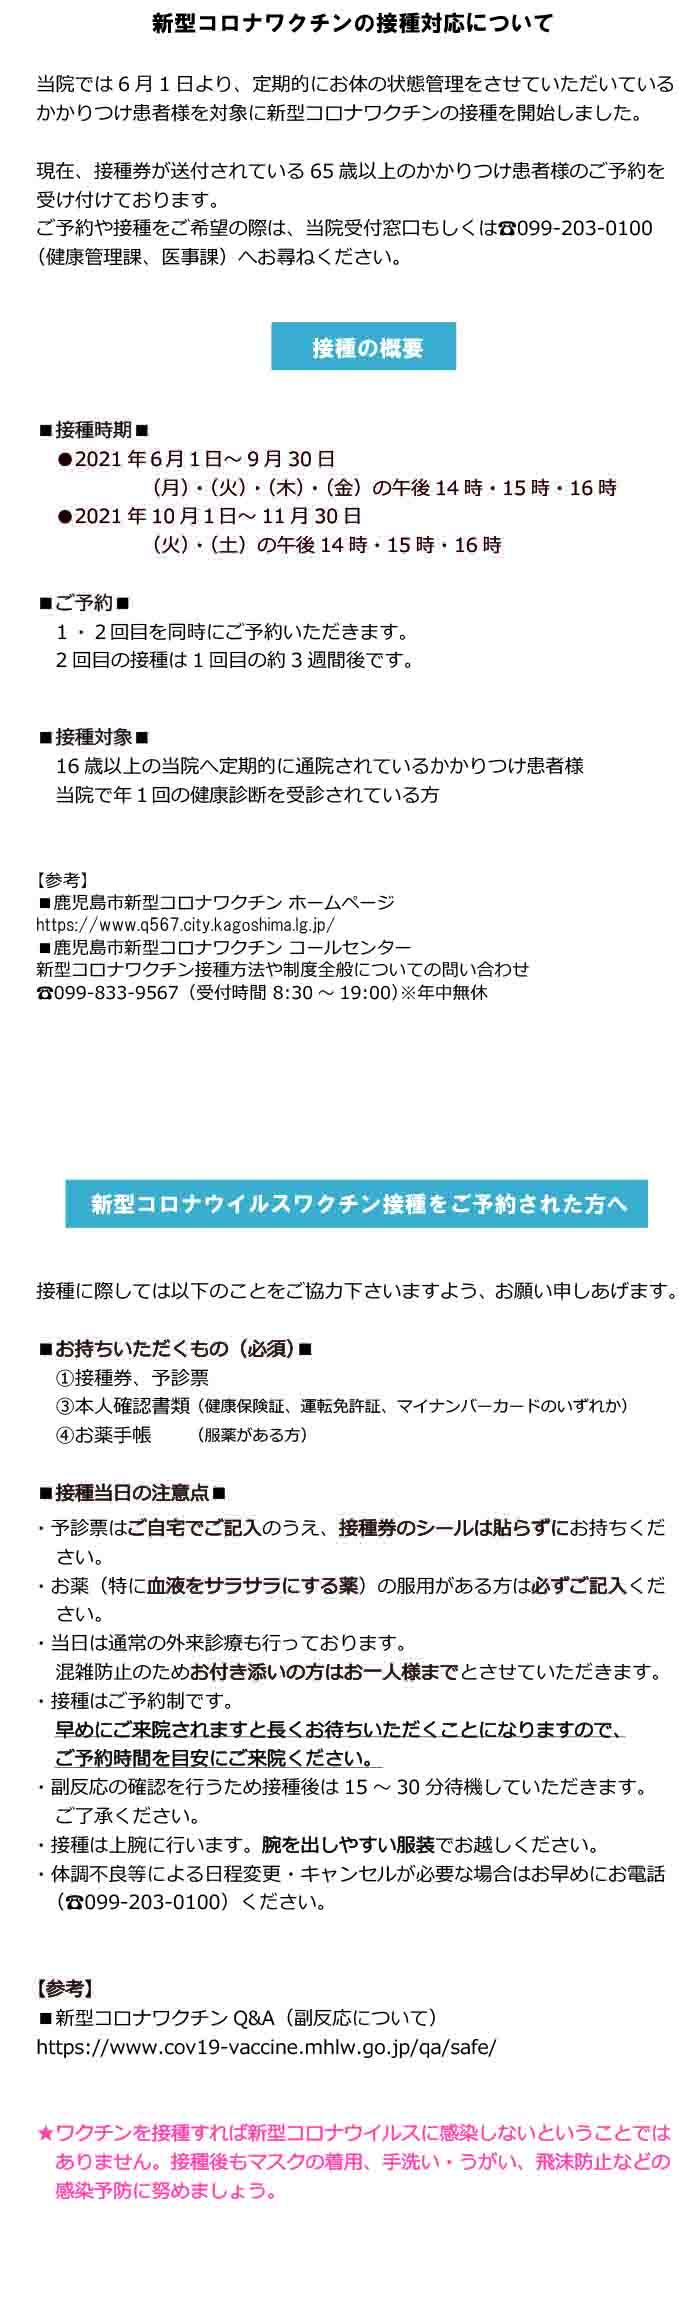 新型コロナワクチン接種対応について(9月12日更新).jpg